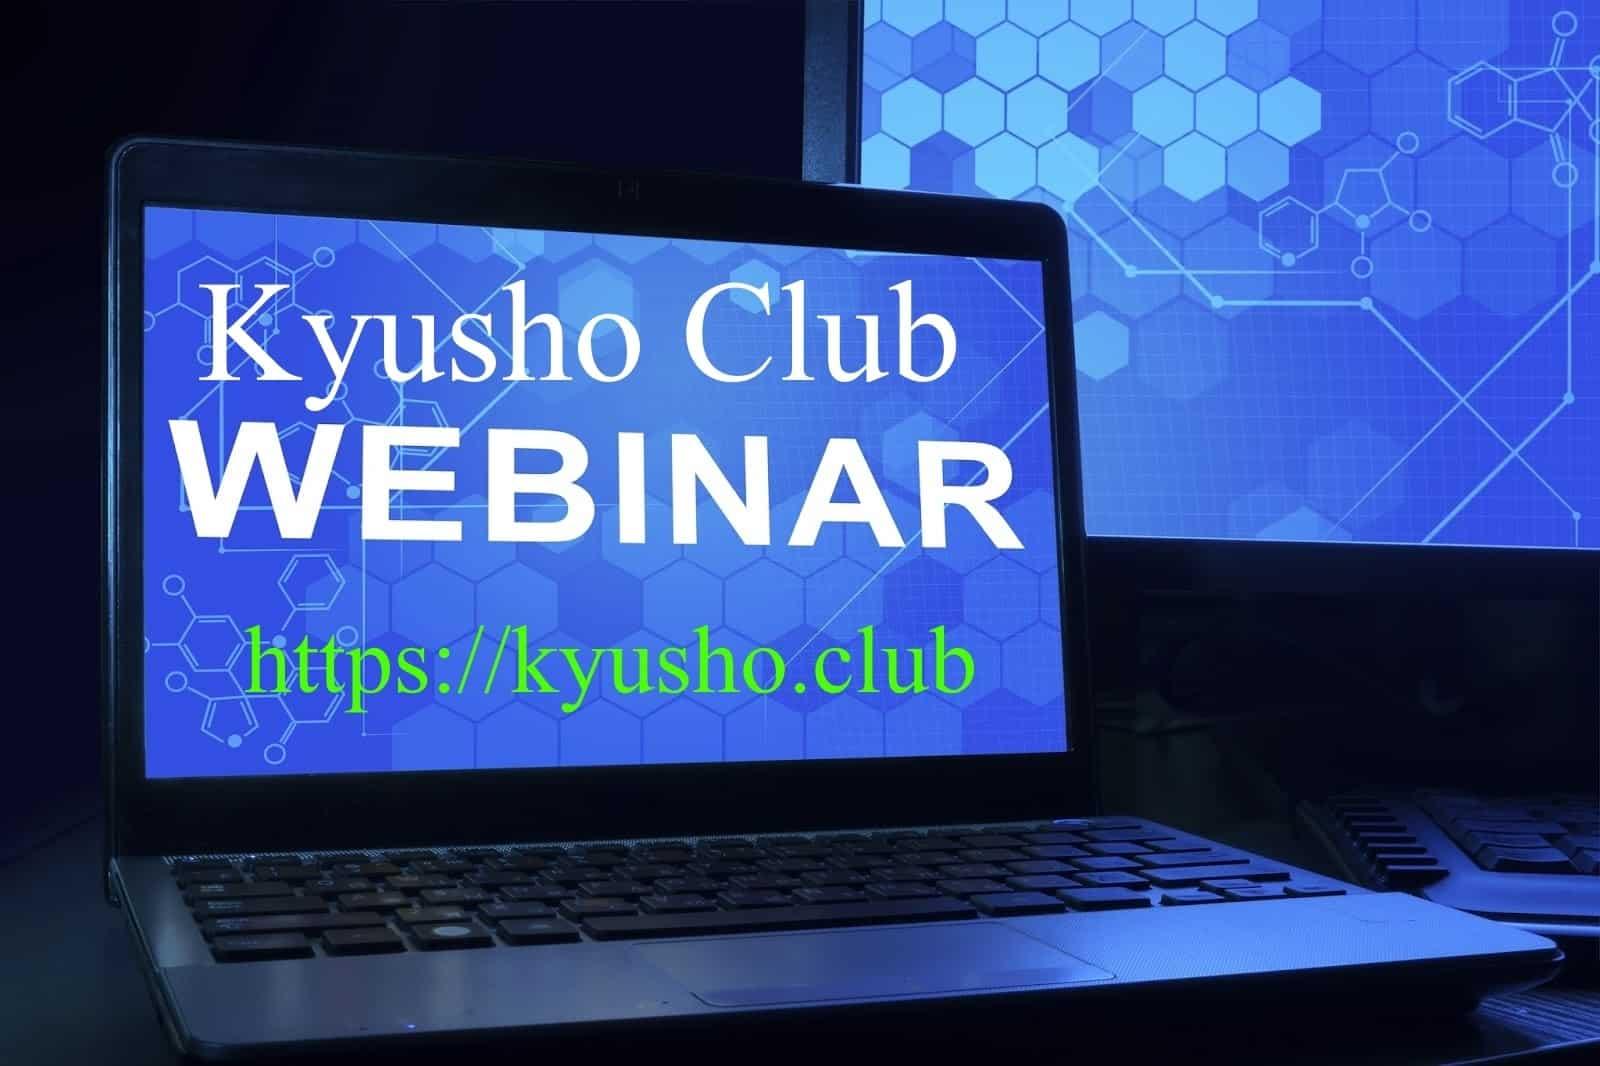 Kyusho Club Webinar